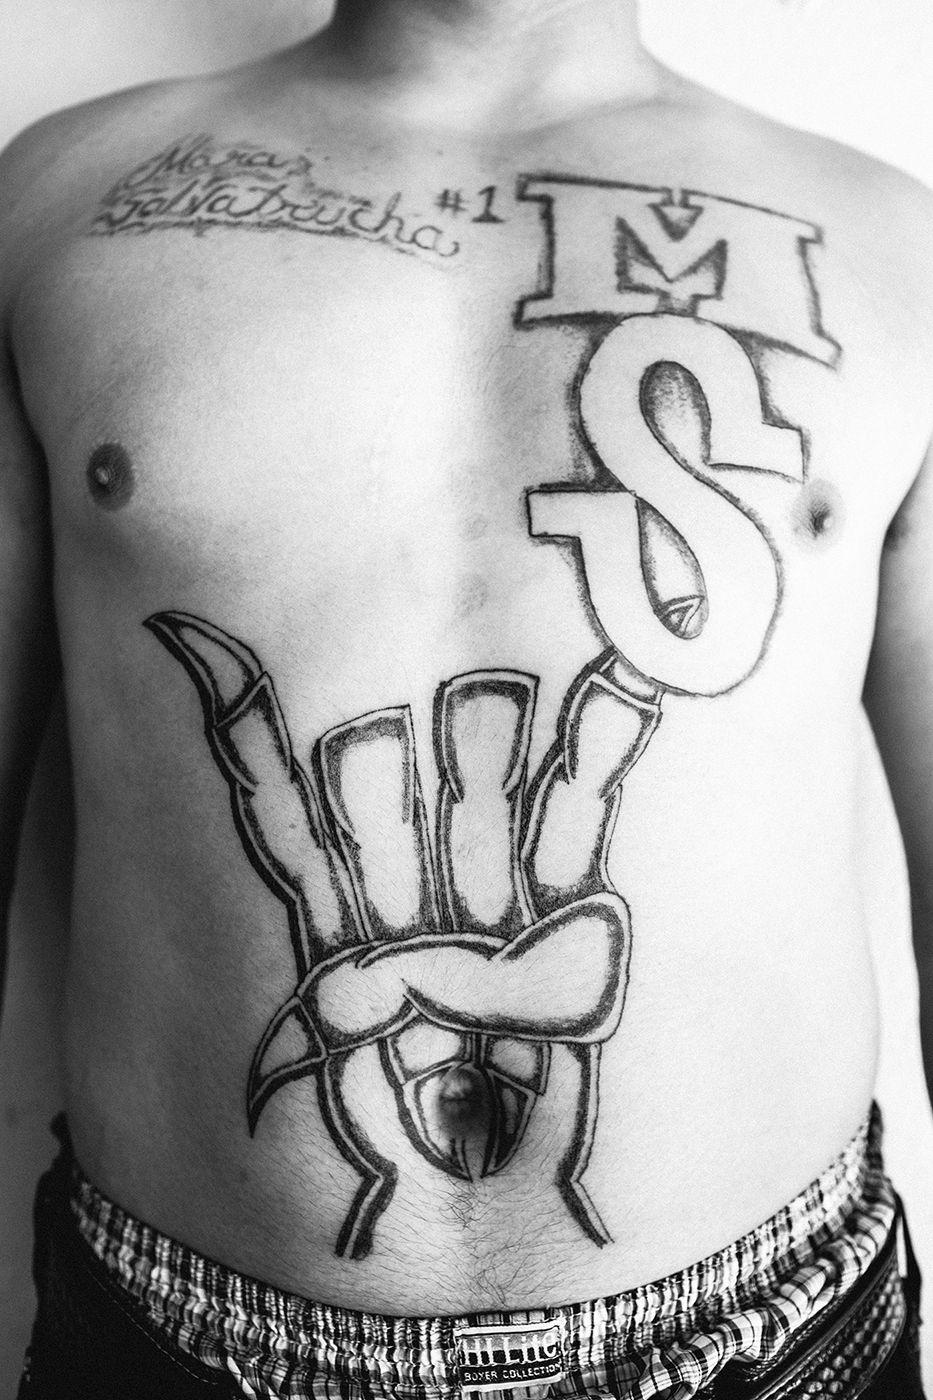 Gangtattoos4sfw tattoos pinterest tattoo tatting and tatoo biocorpaavc